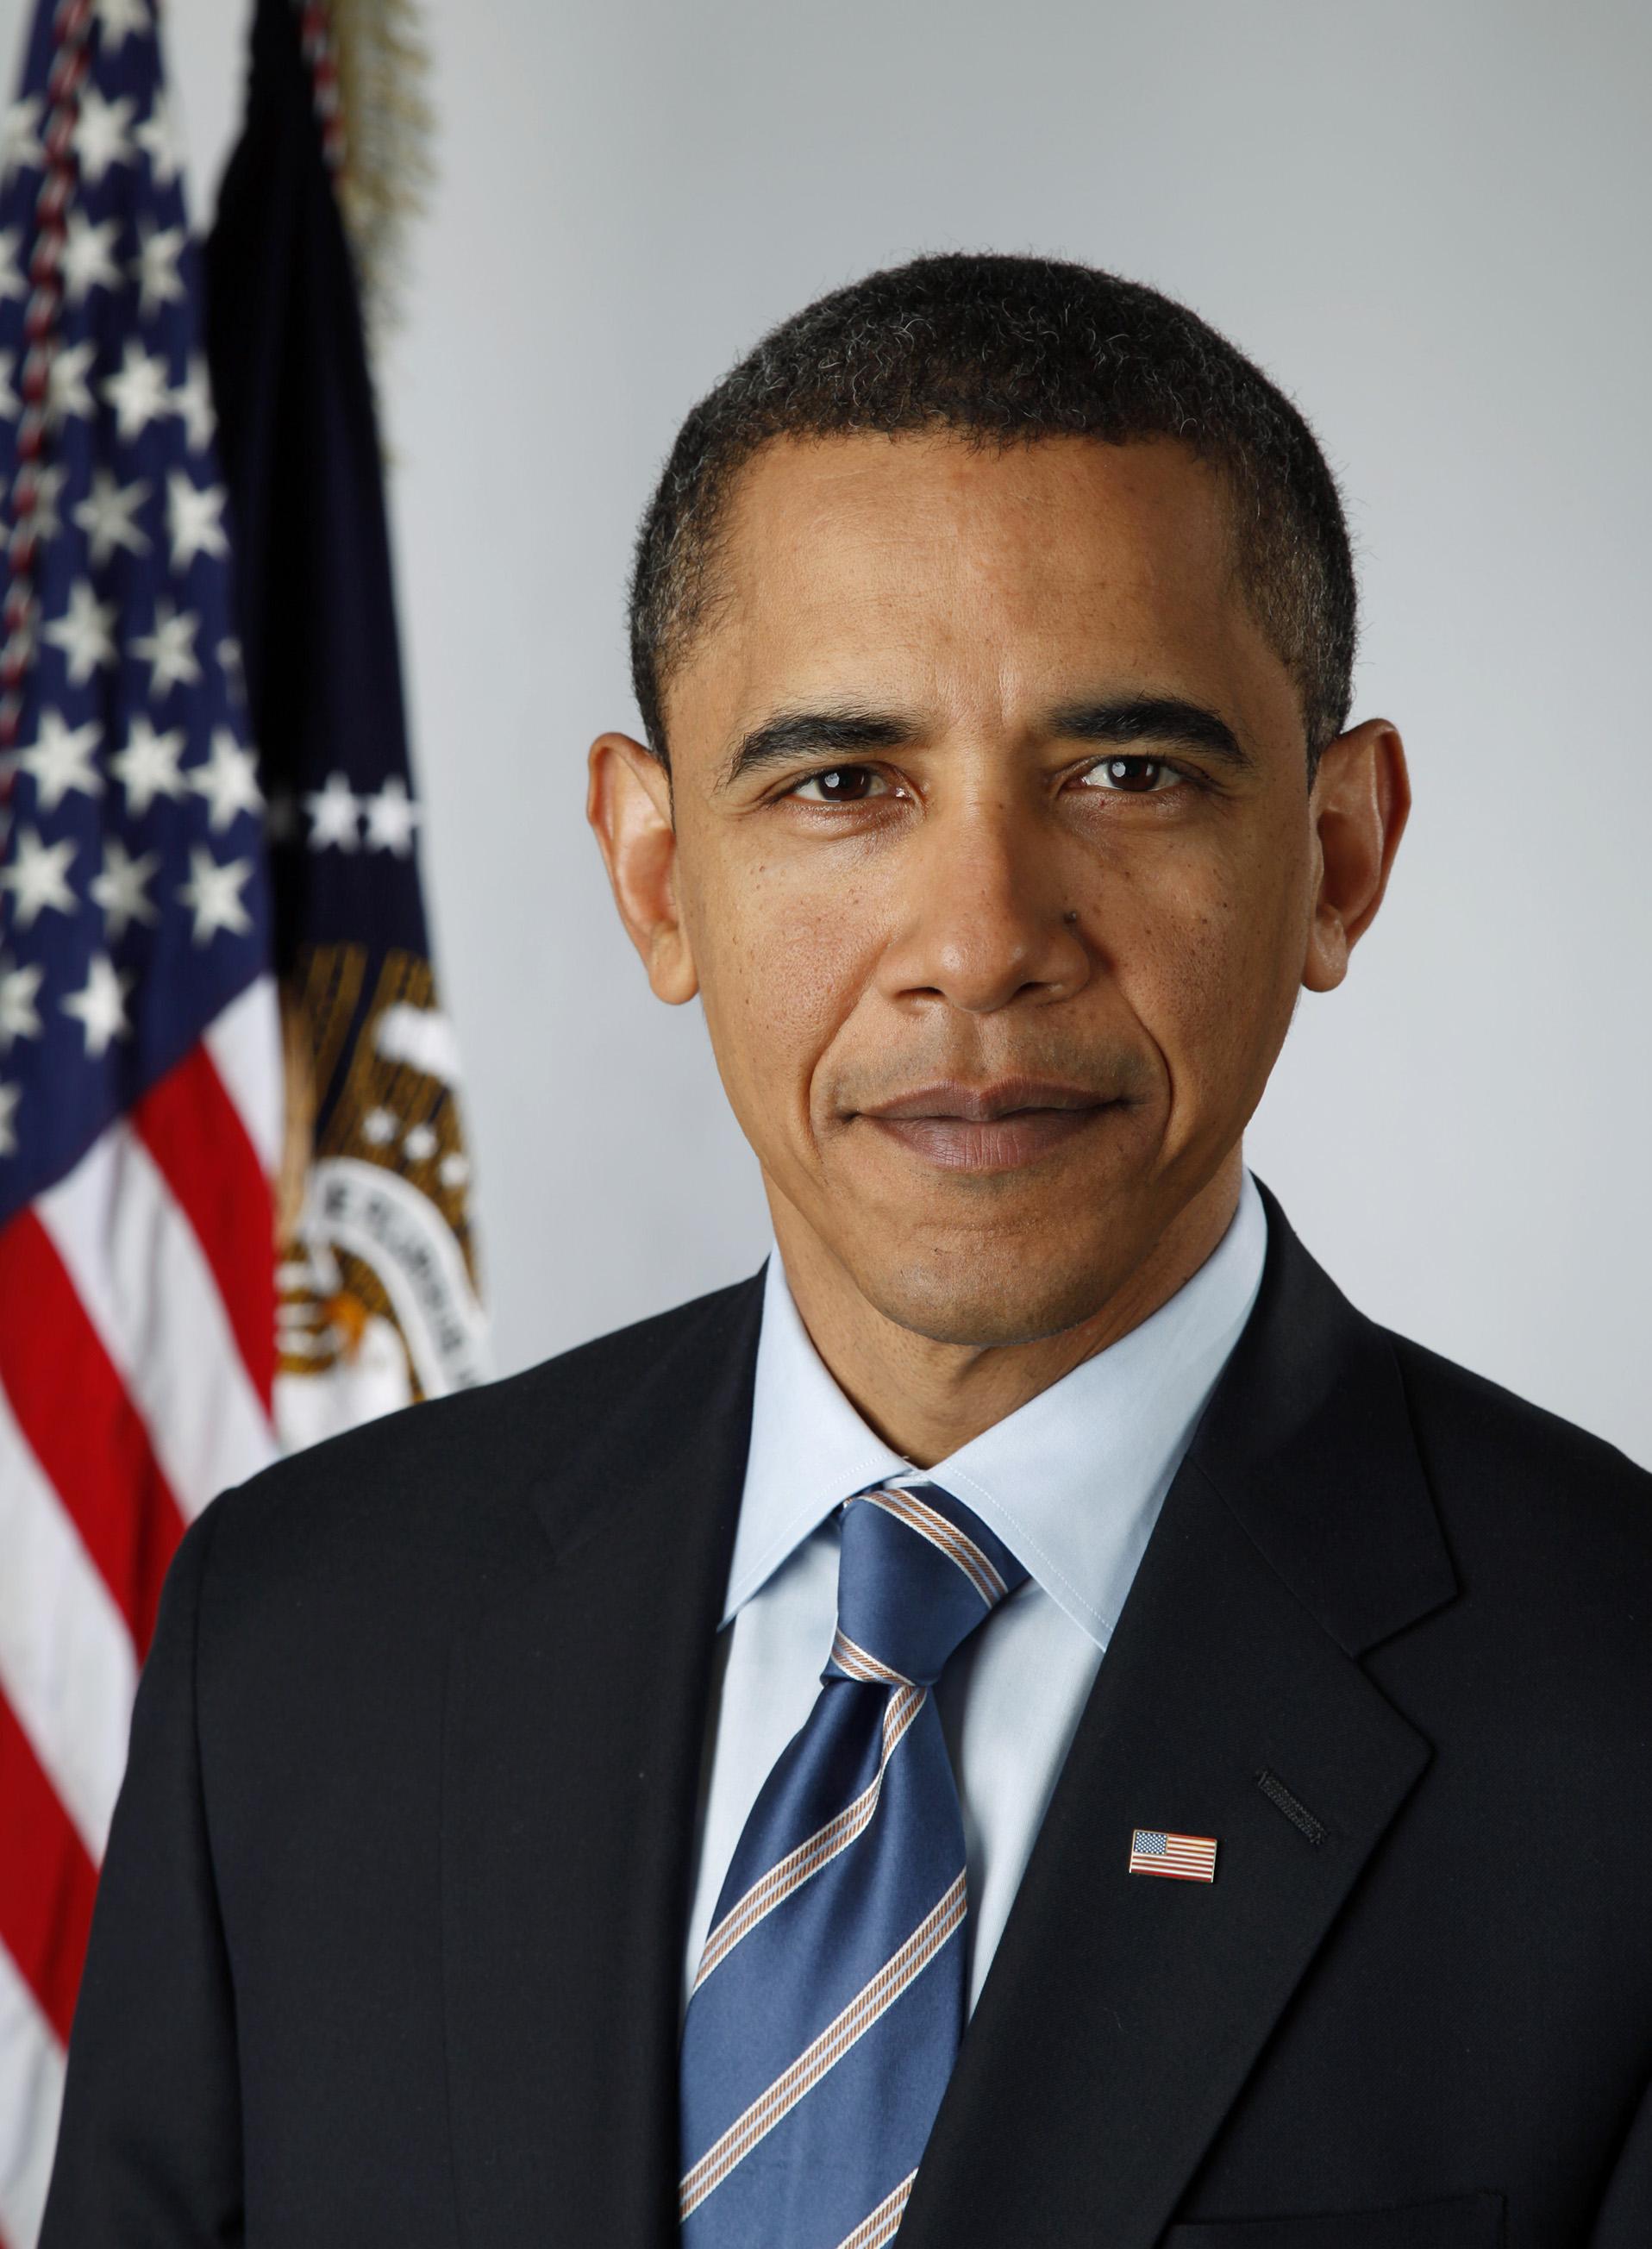 obama genealogy